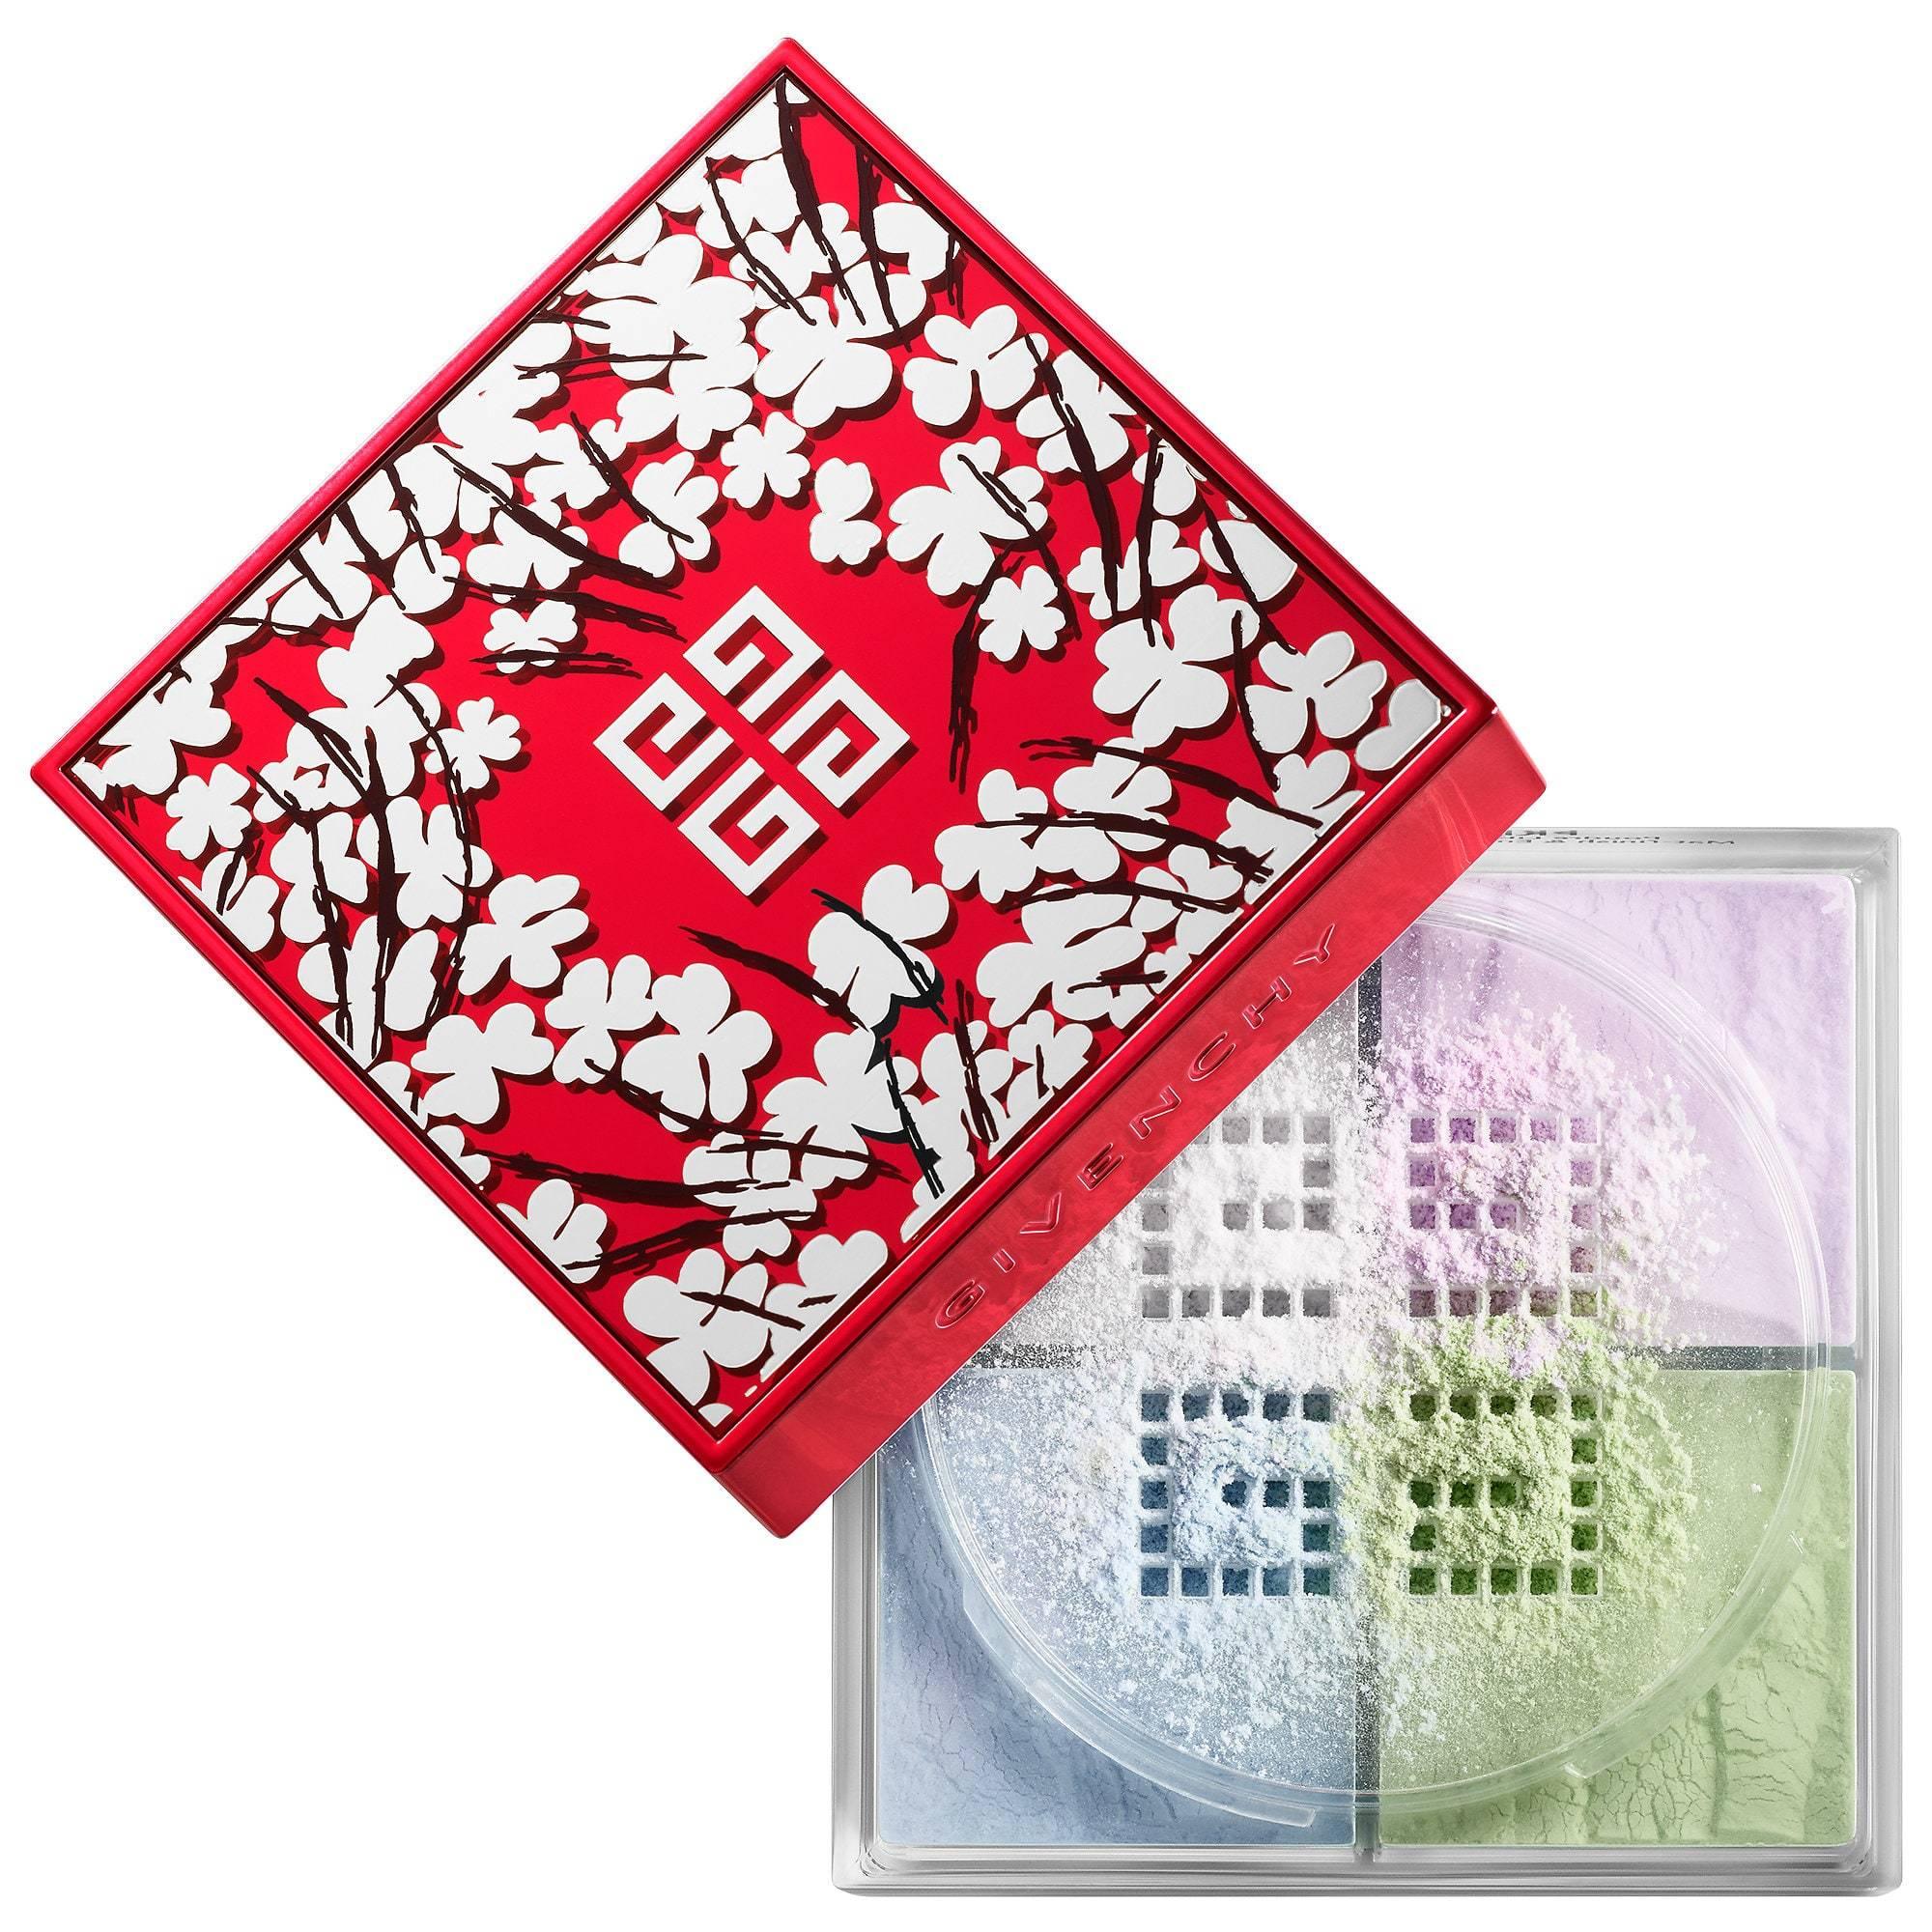 Givenchy Prisme Libre Lunar New Year Edition Mousseline Pastel 1